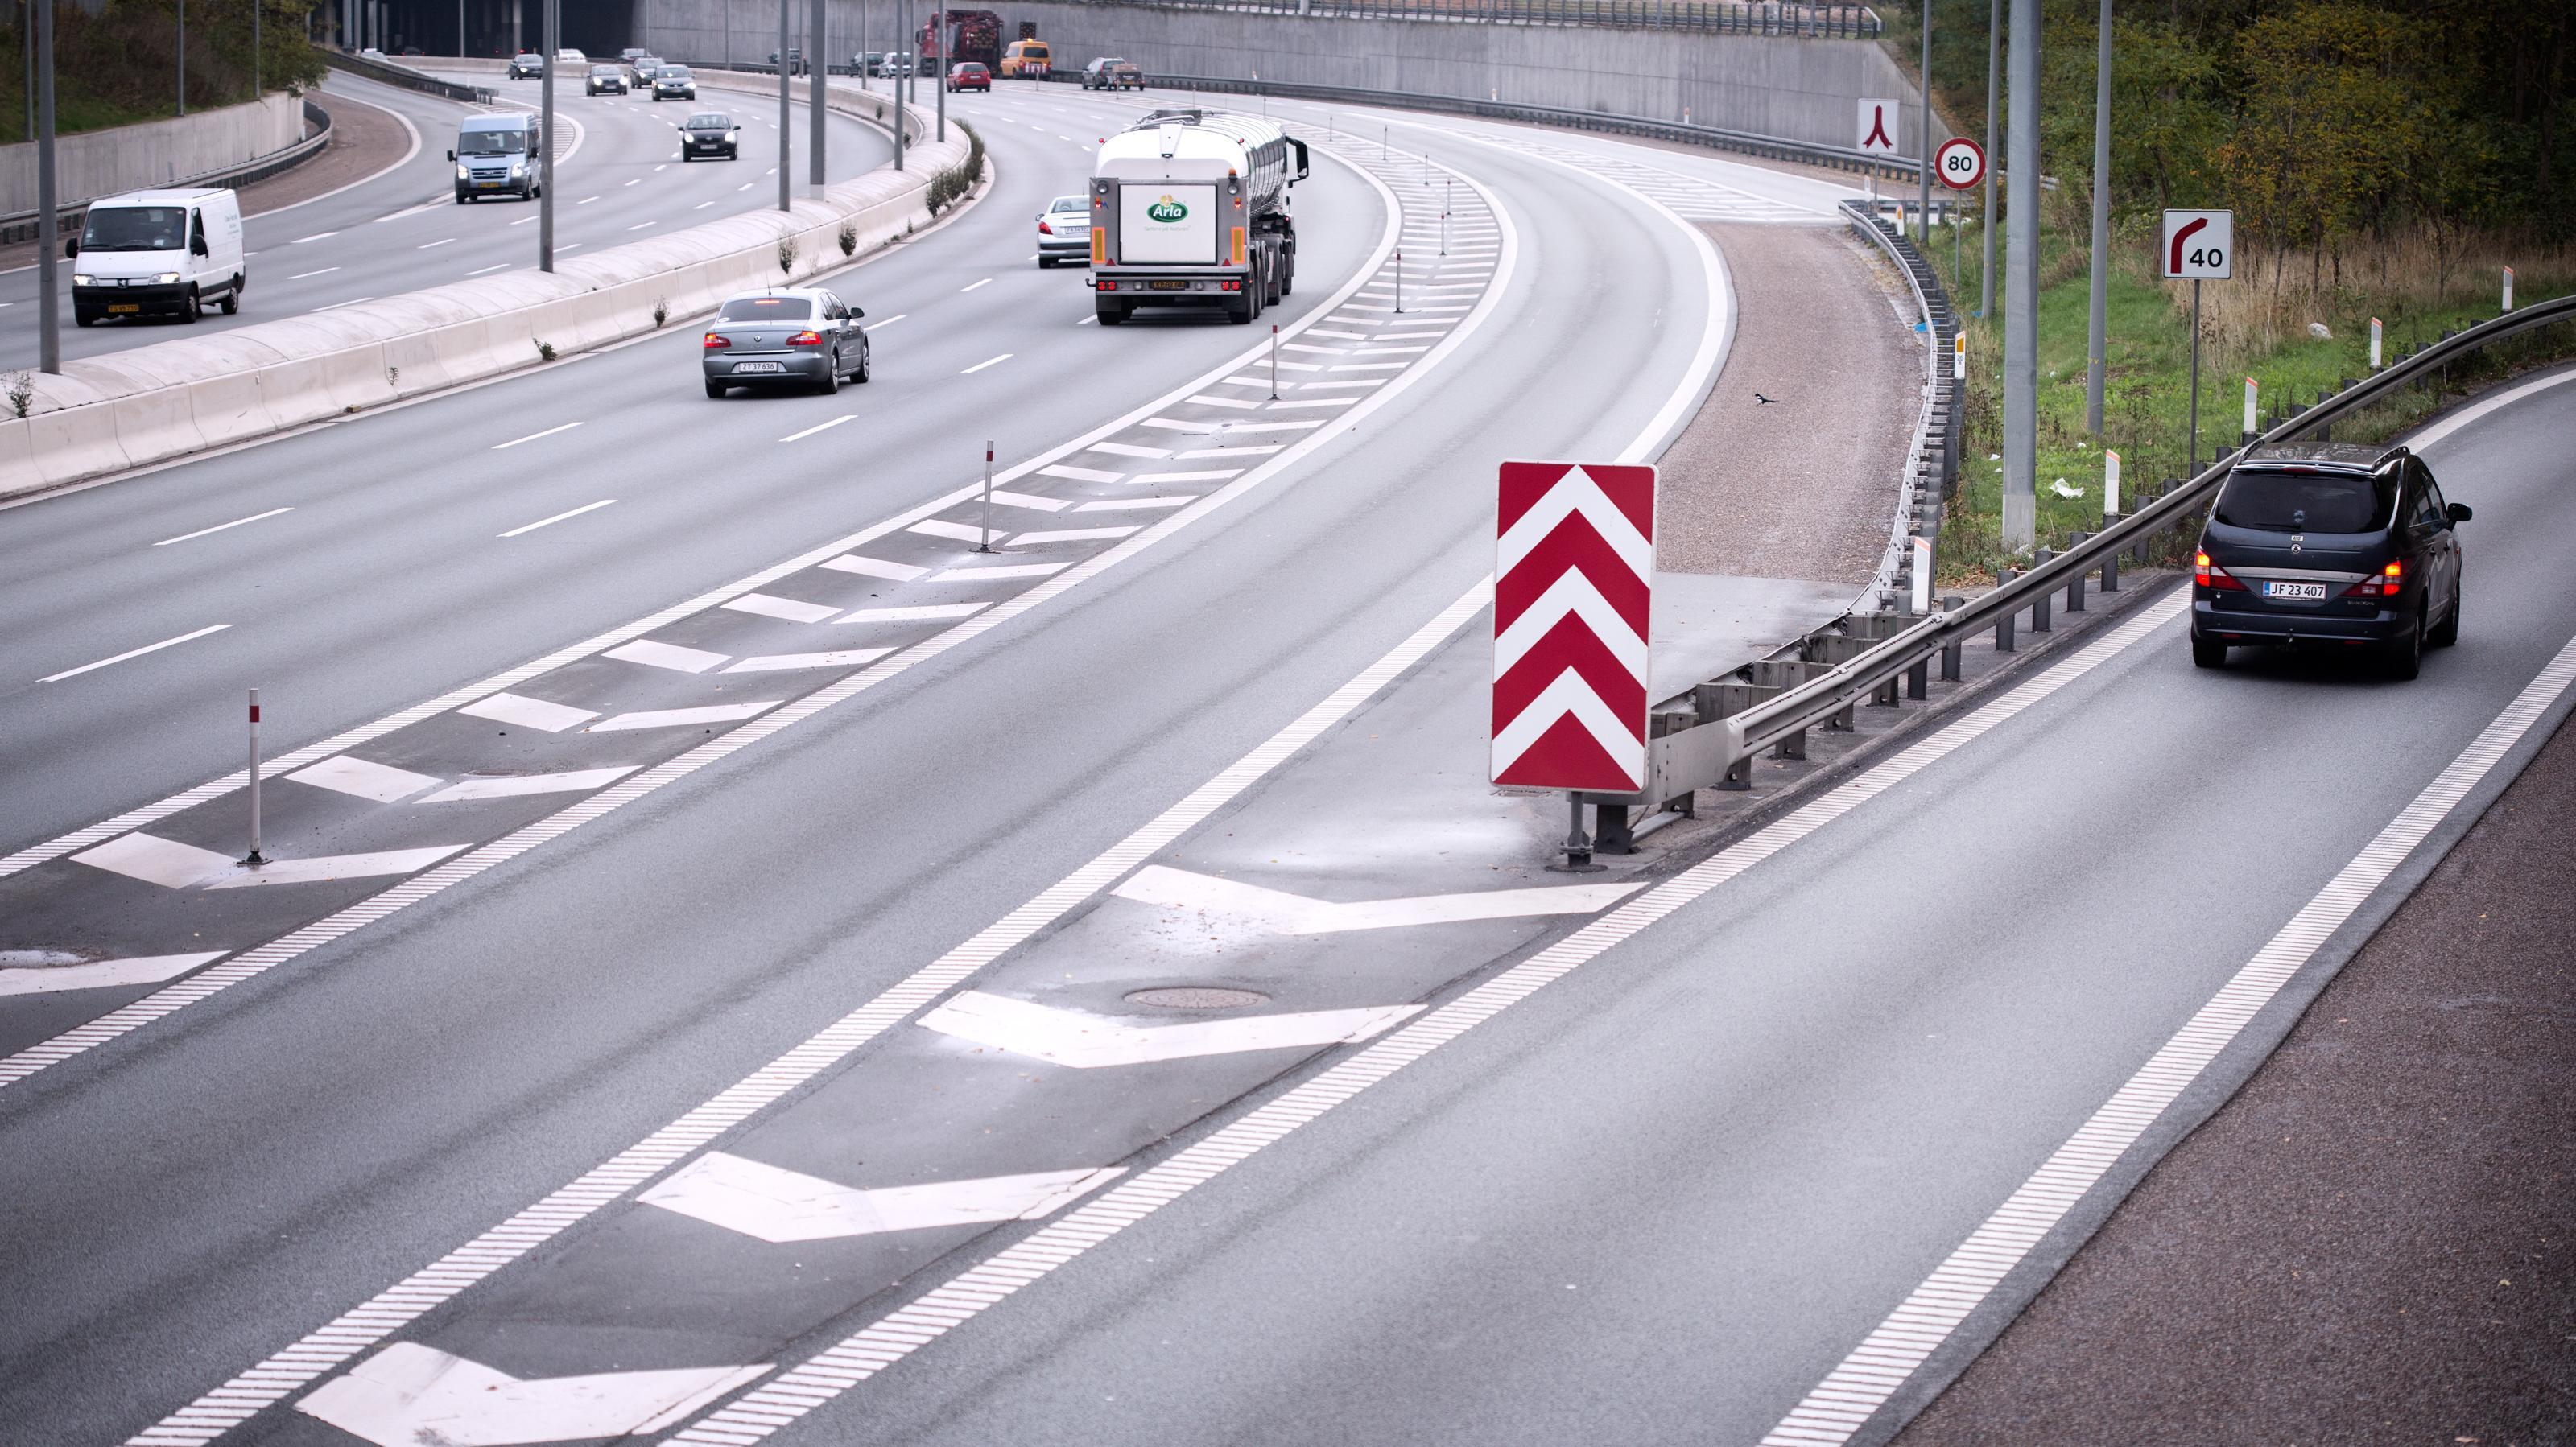 vejdirektoratet_trafiksikkerhed.jpg